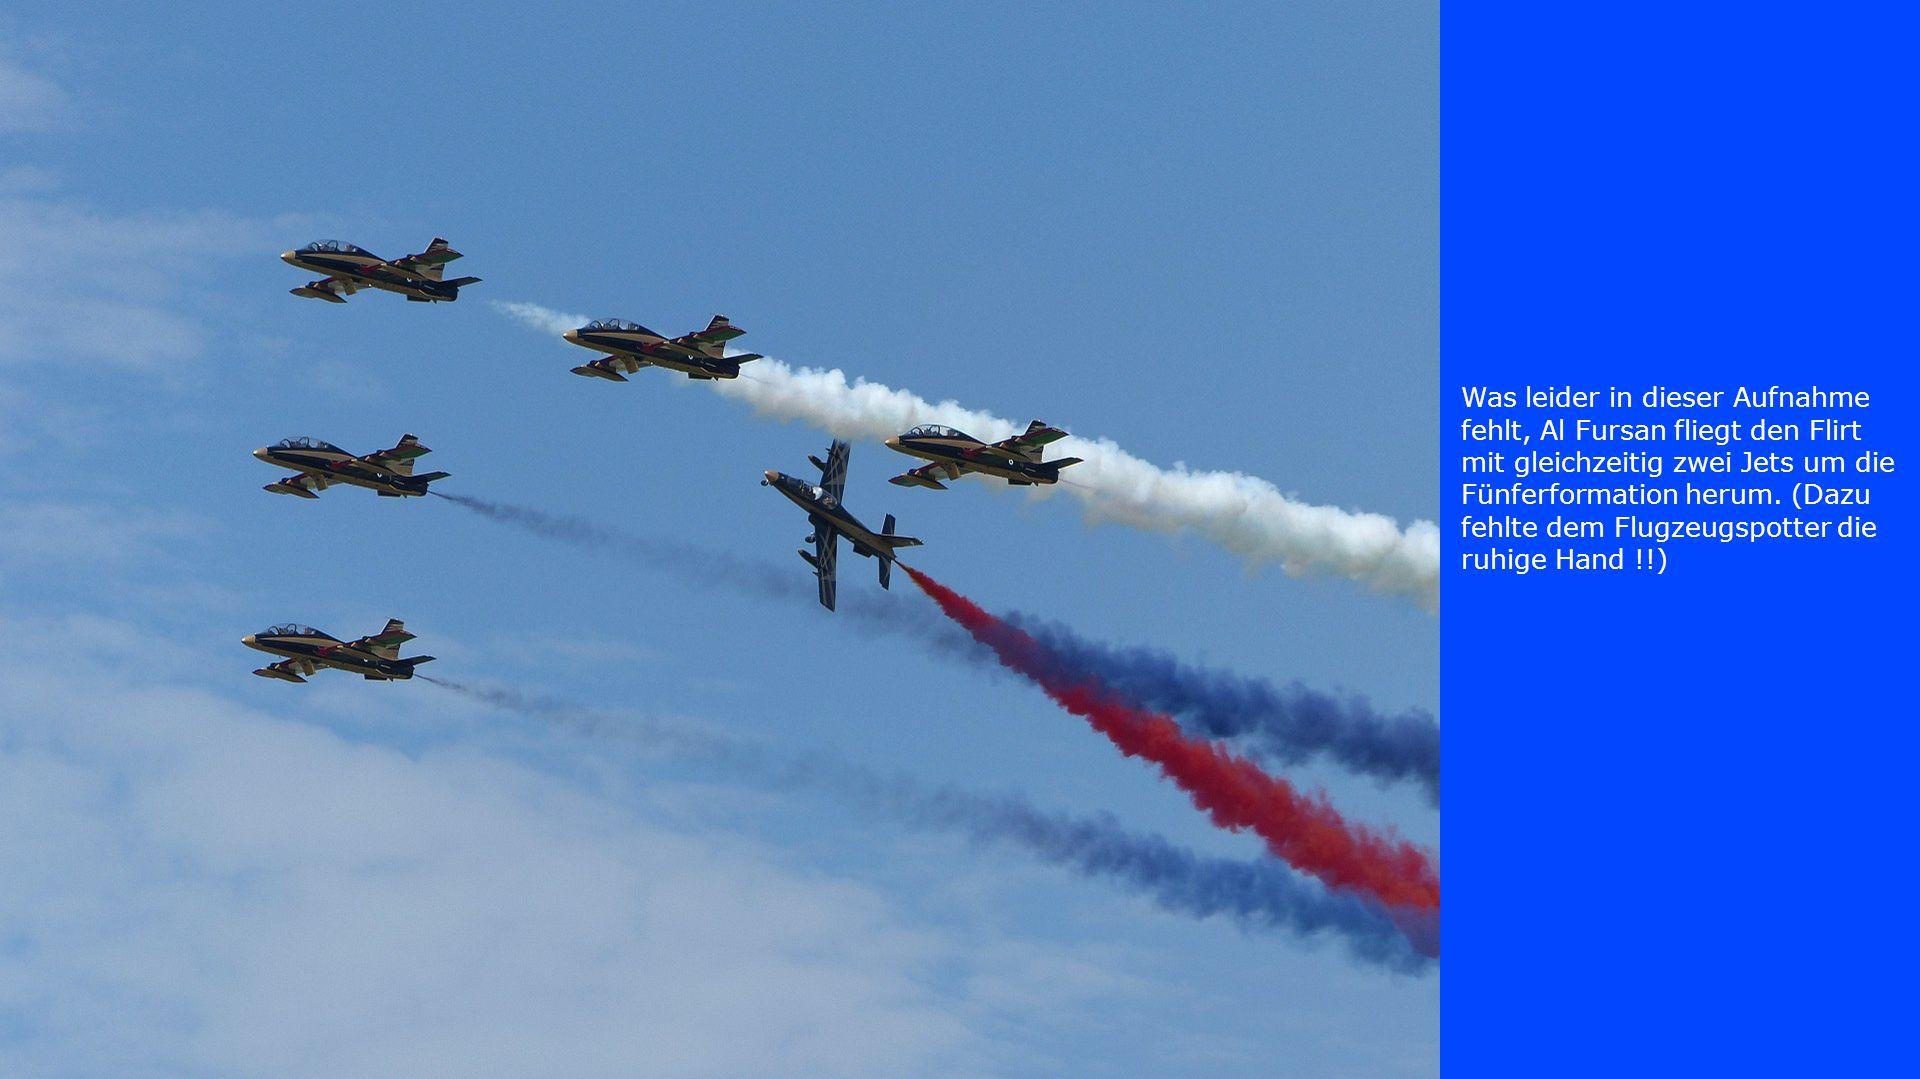 Was leider in dieser Aufnahme fehlt, Al Fursan fliegt den Flirt mit gleichzeitig zwei Jets um die Fünferformation herum.